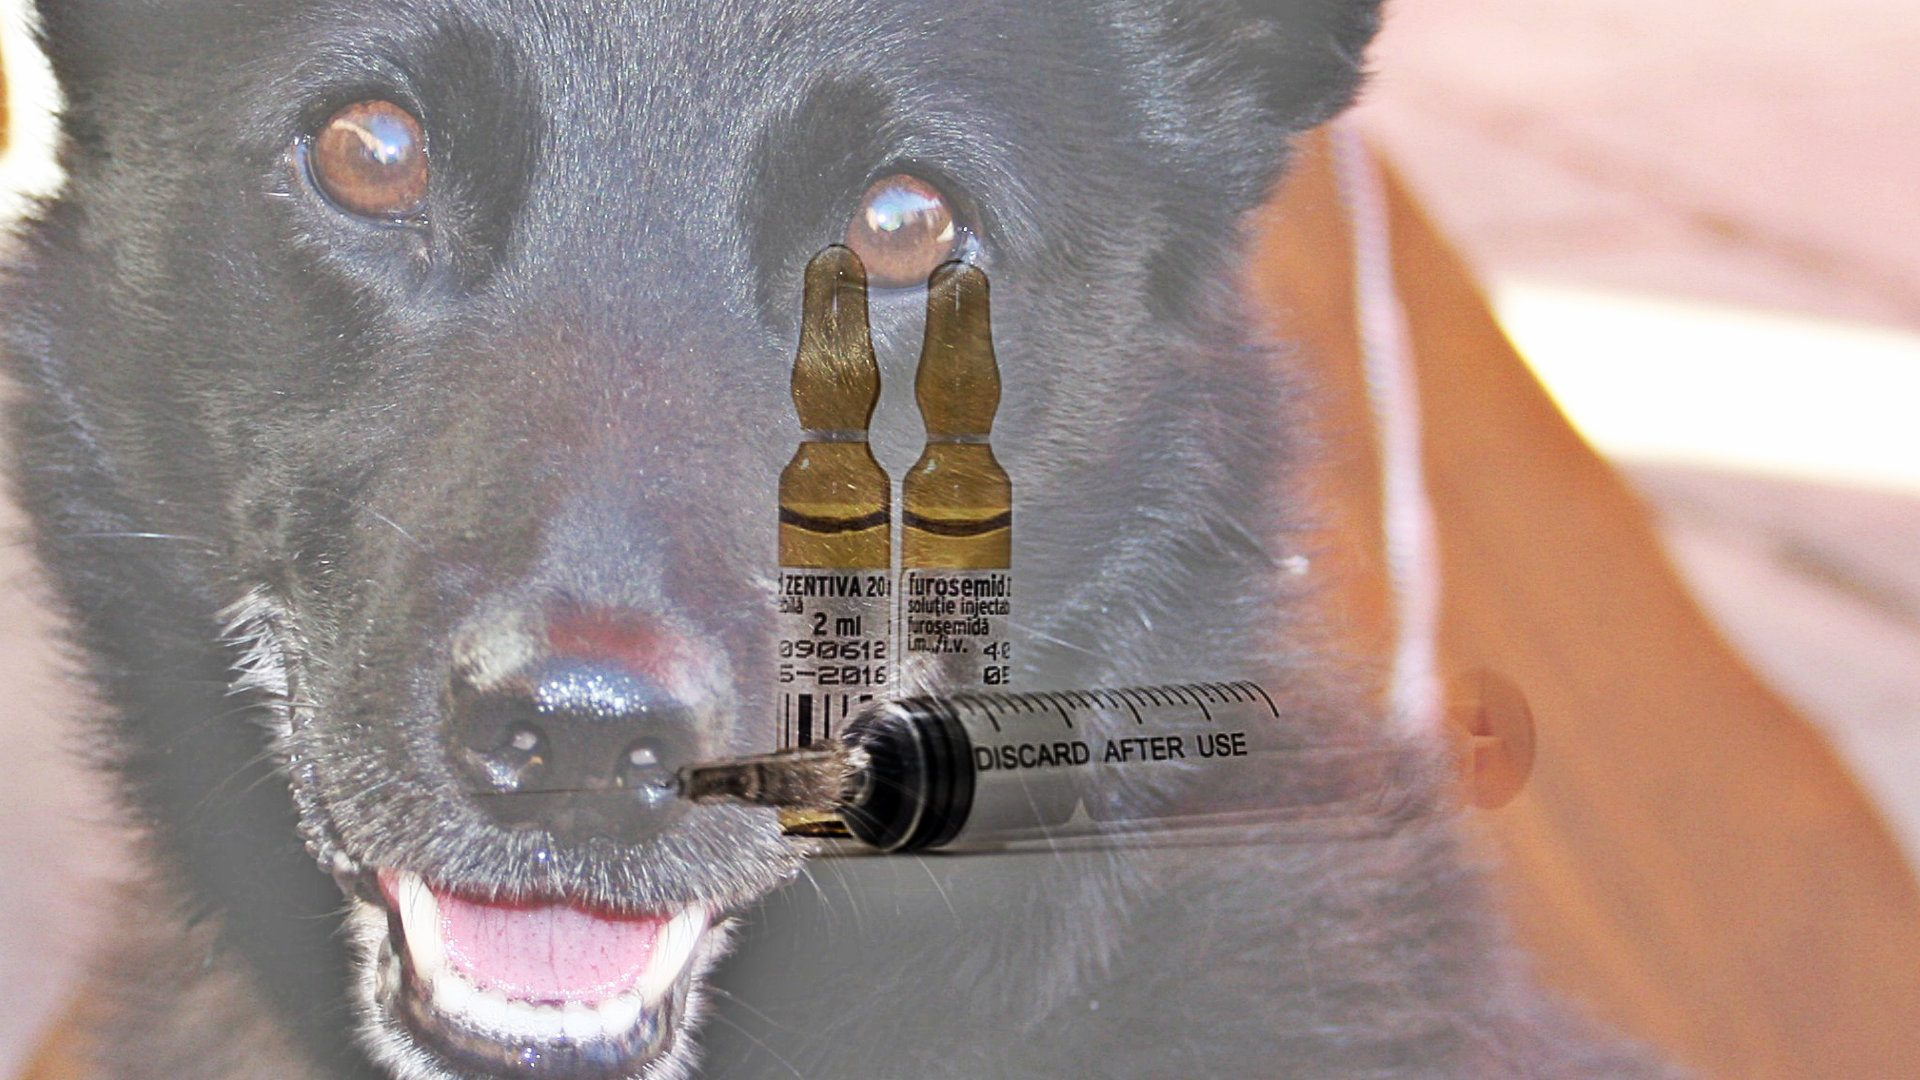 Antyszczepionkowcy biorą się za zwierzęta. Namawiają do nieszczepienia psów